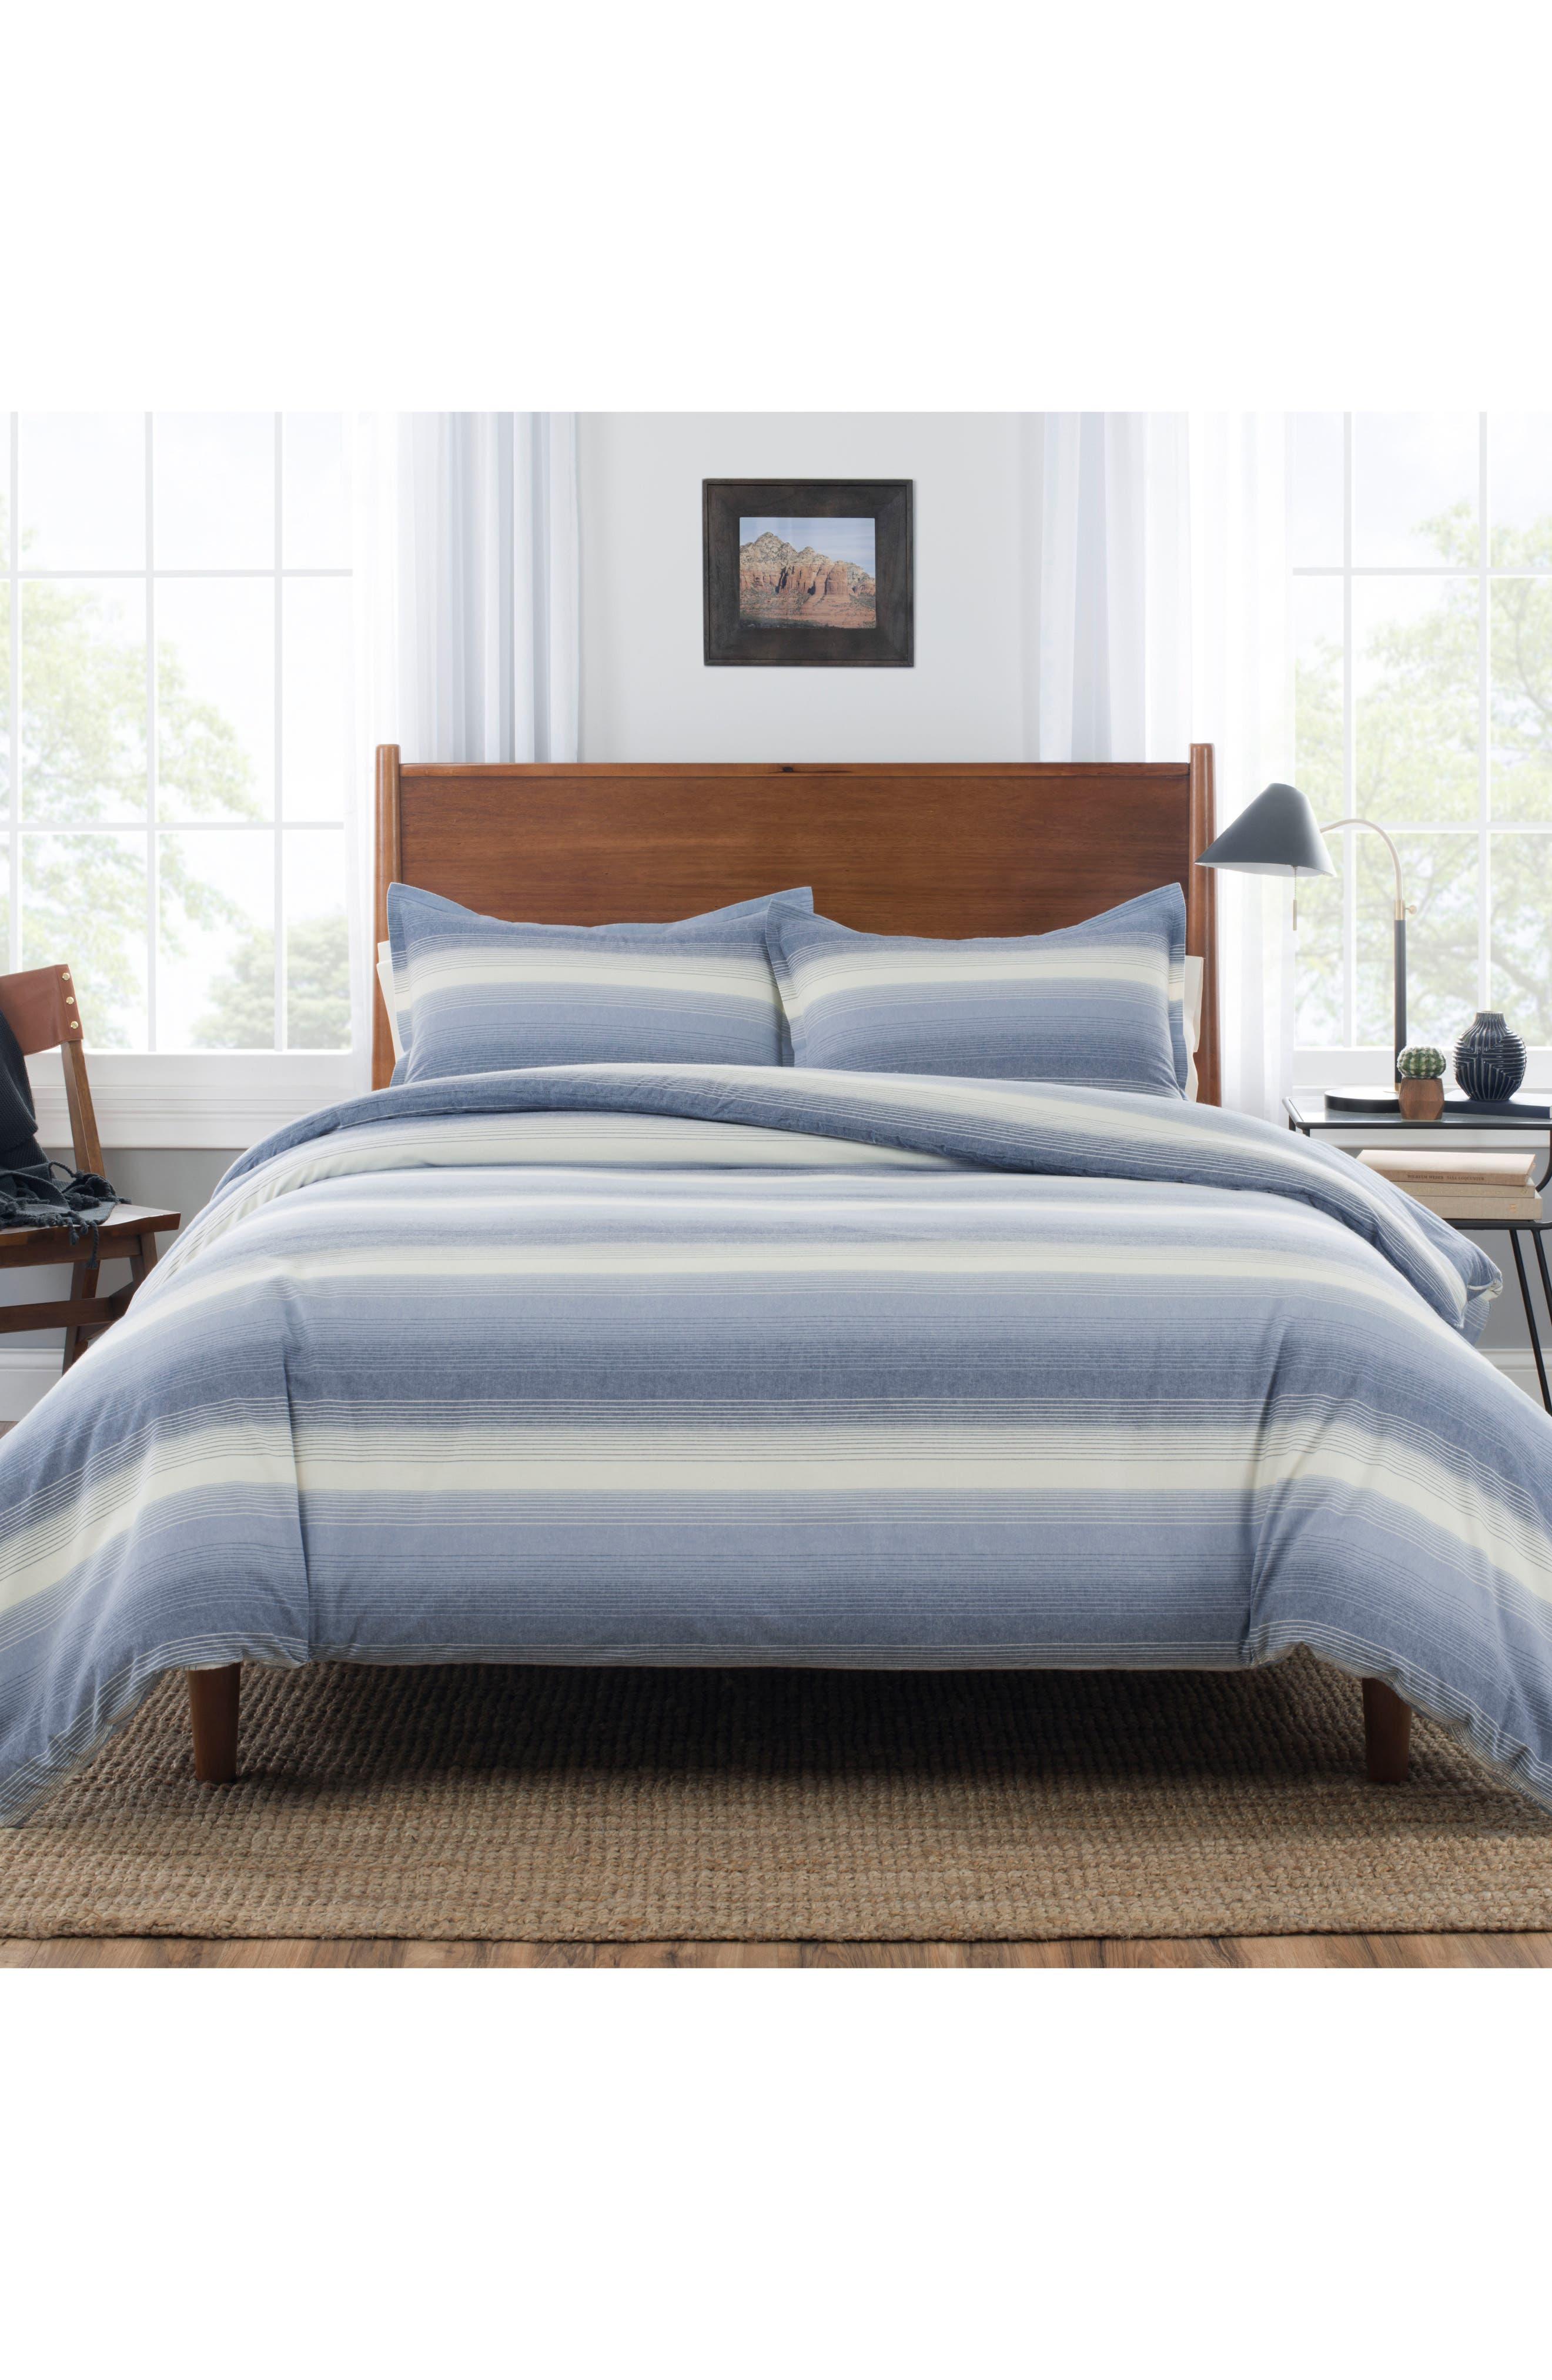 Ombré Stripe Comforter & Sham Set,                             Main thumbnail 1, color,                             400